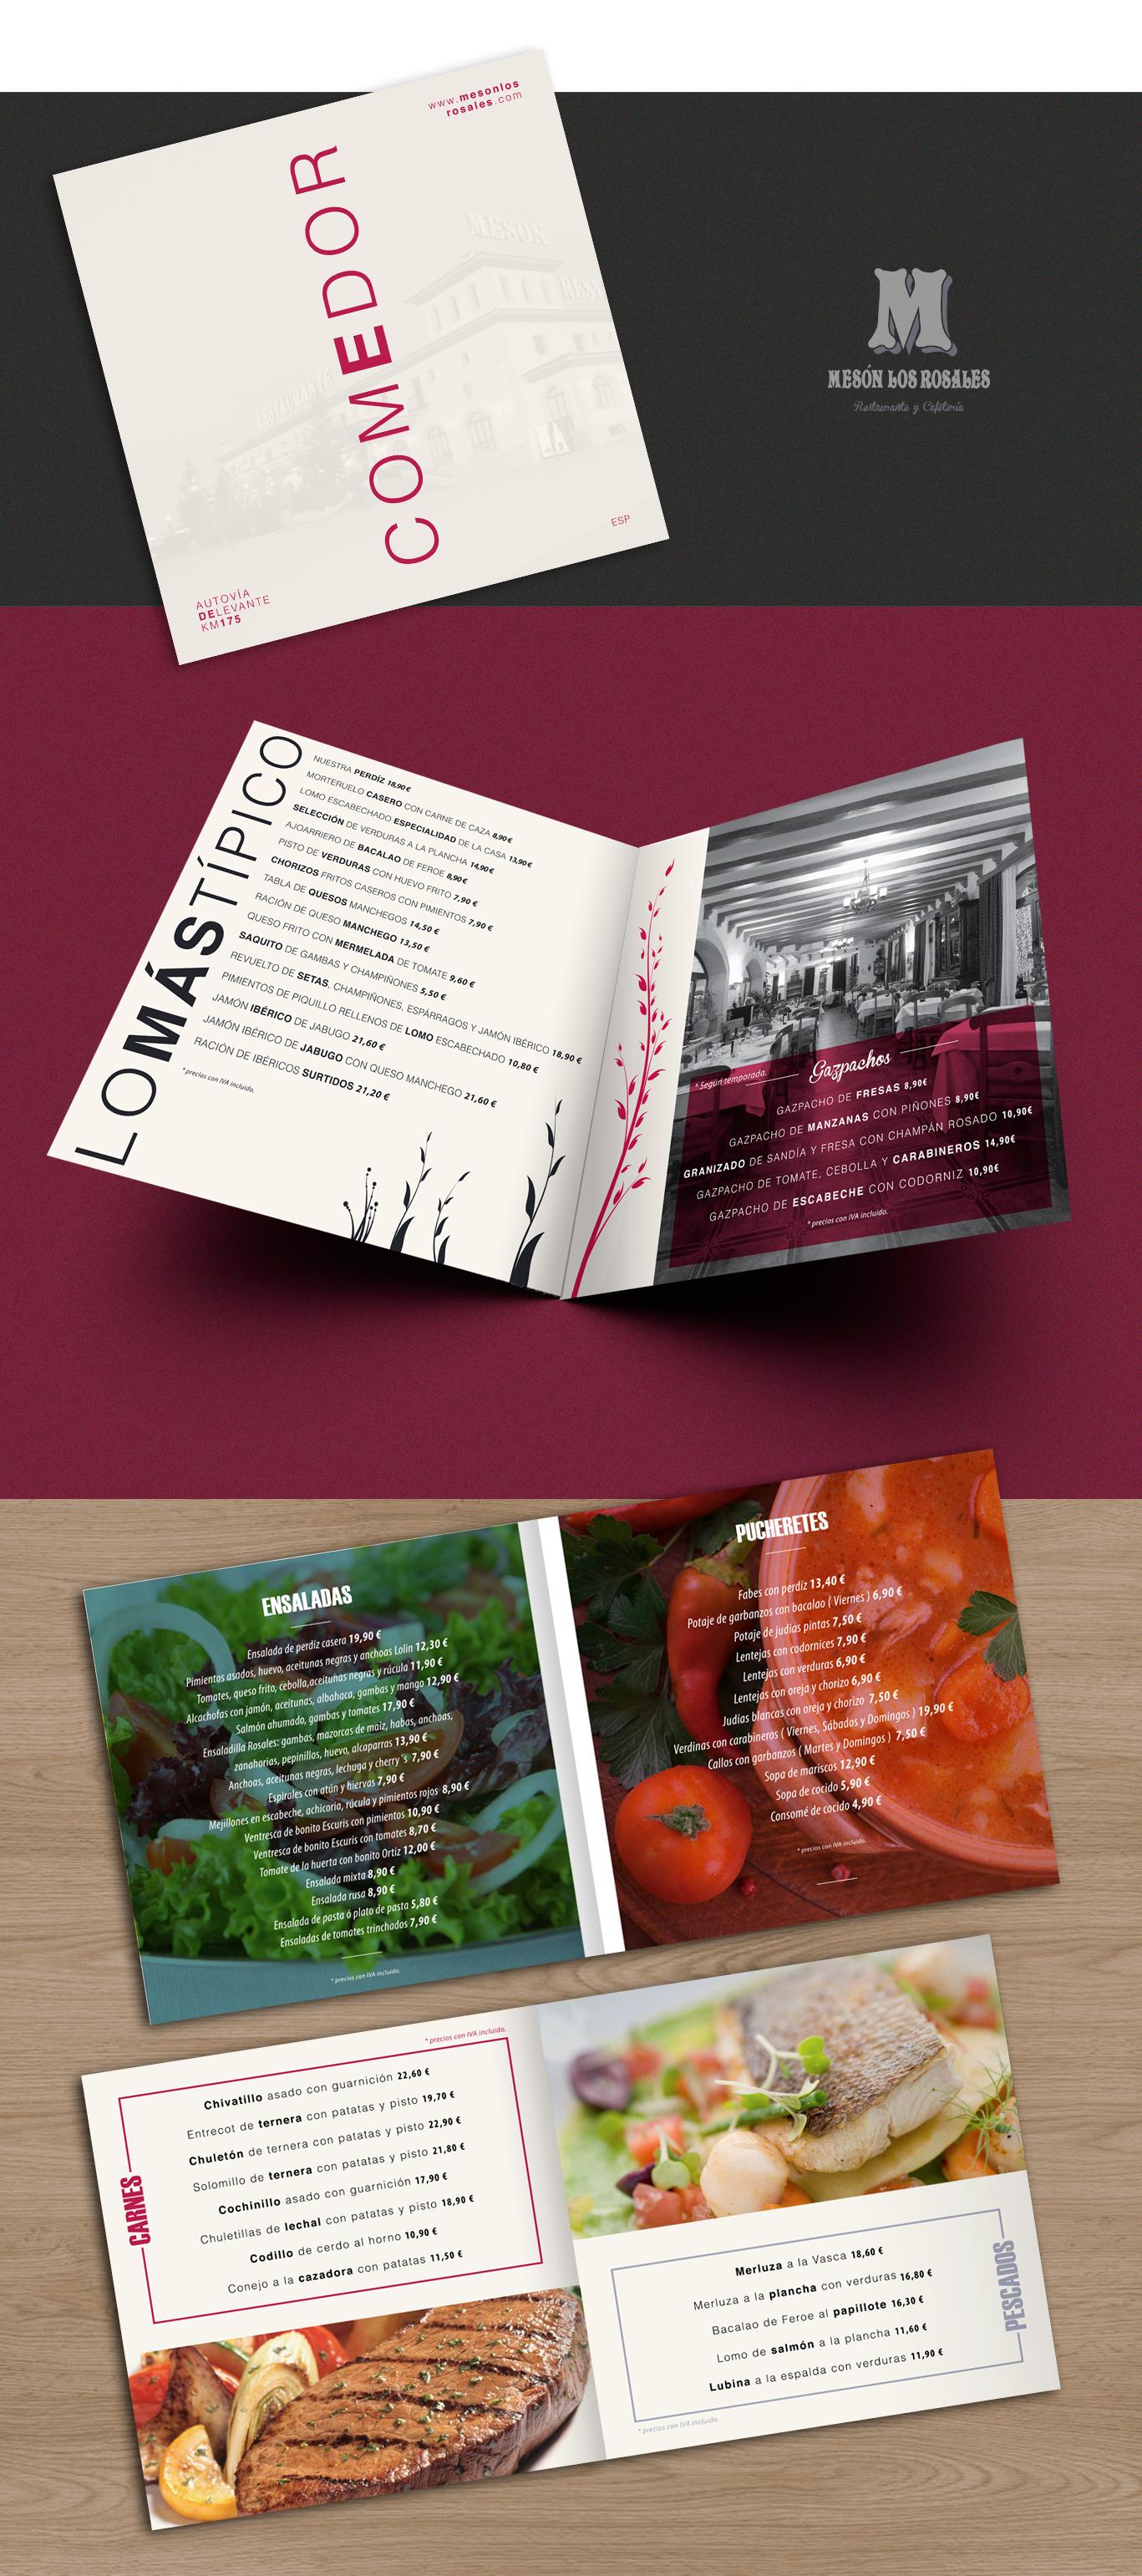 Diseño gráfico e impresión cartas comedor Mesón Los Rosales